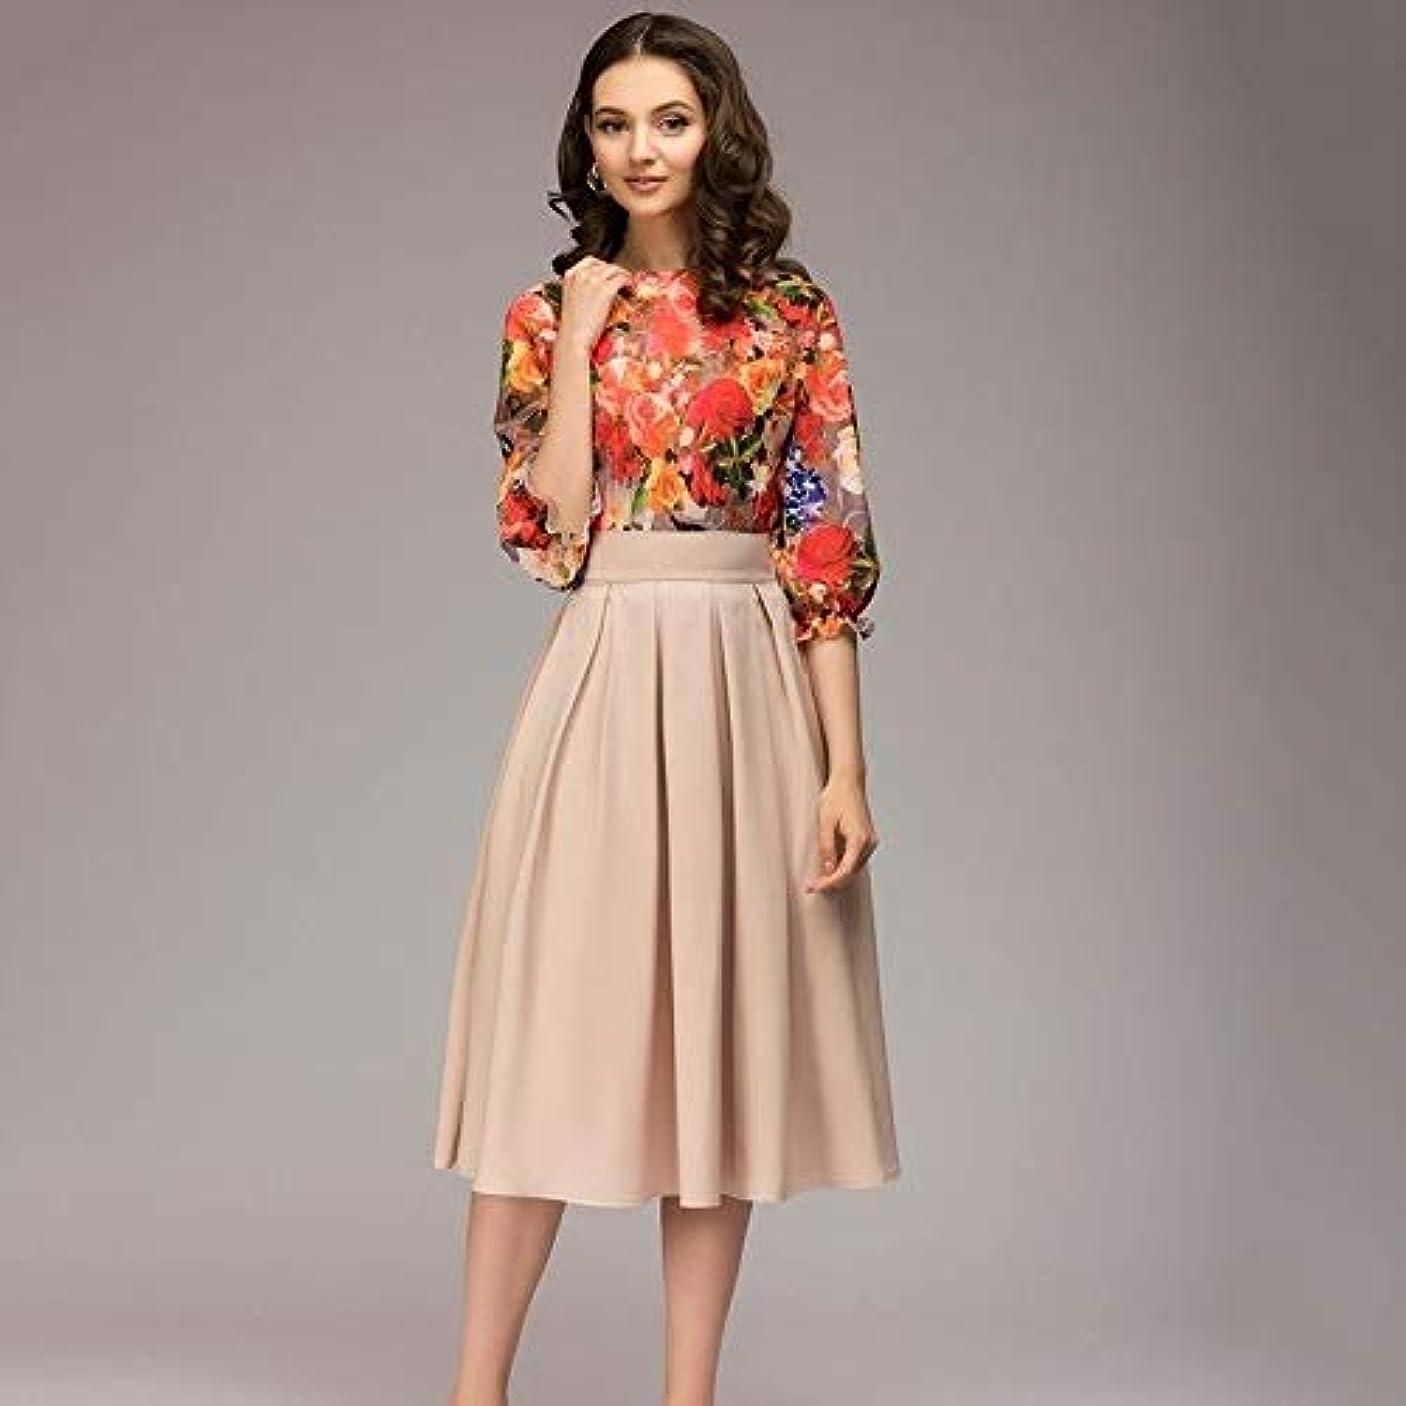 首尾一貫した動かない鏡Maxcrestas - 夏ヴィンテージO-ネック半袖ブルーフローラルプリントAラインドレスエレガントな膝丈オフィスの女性のドレス